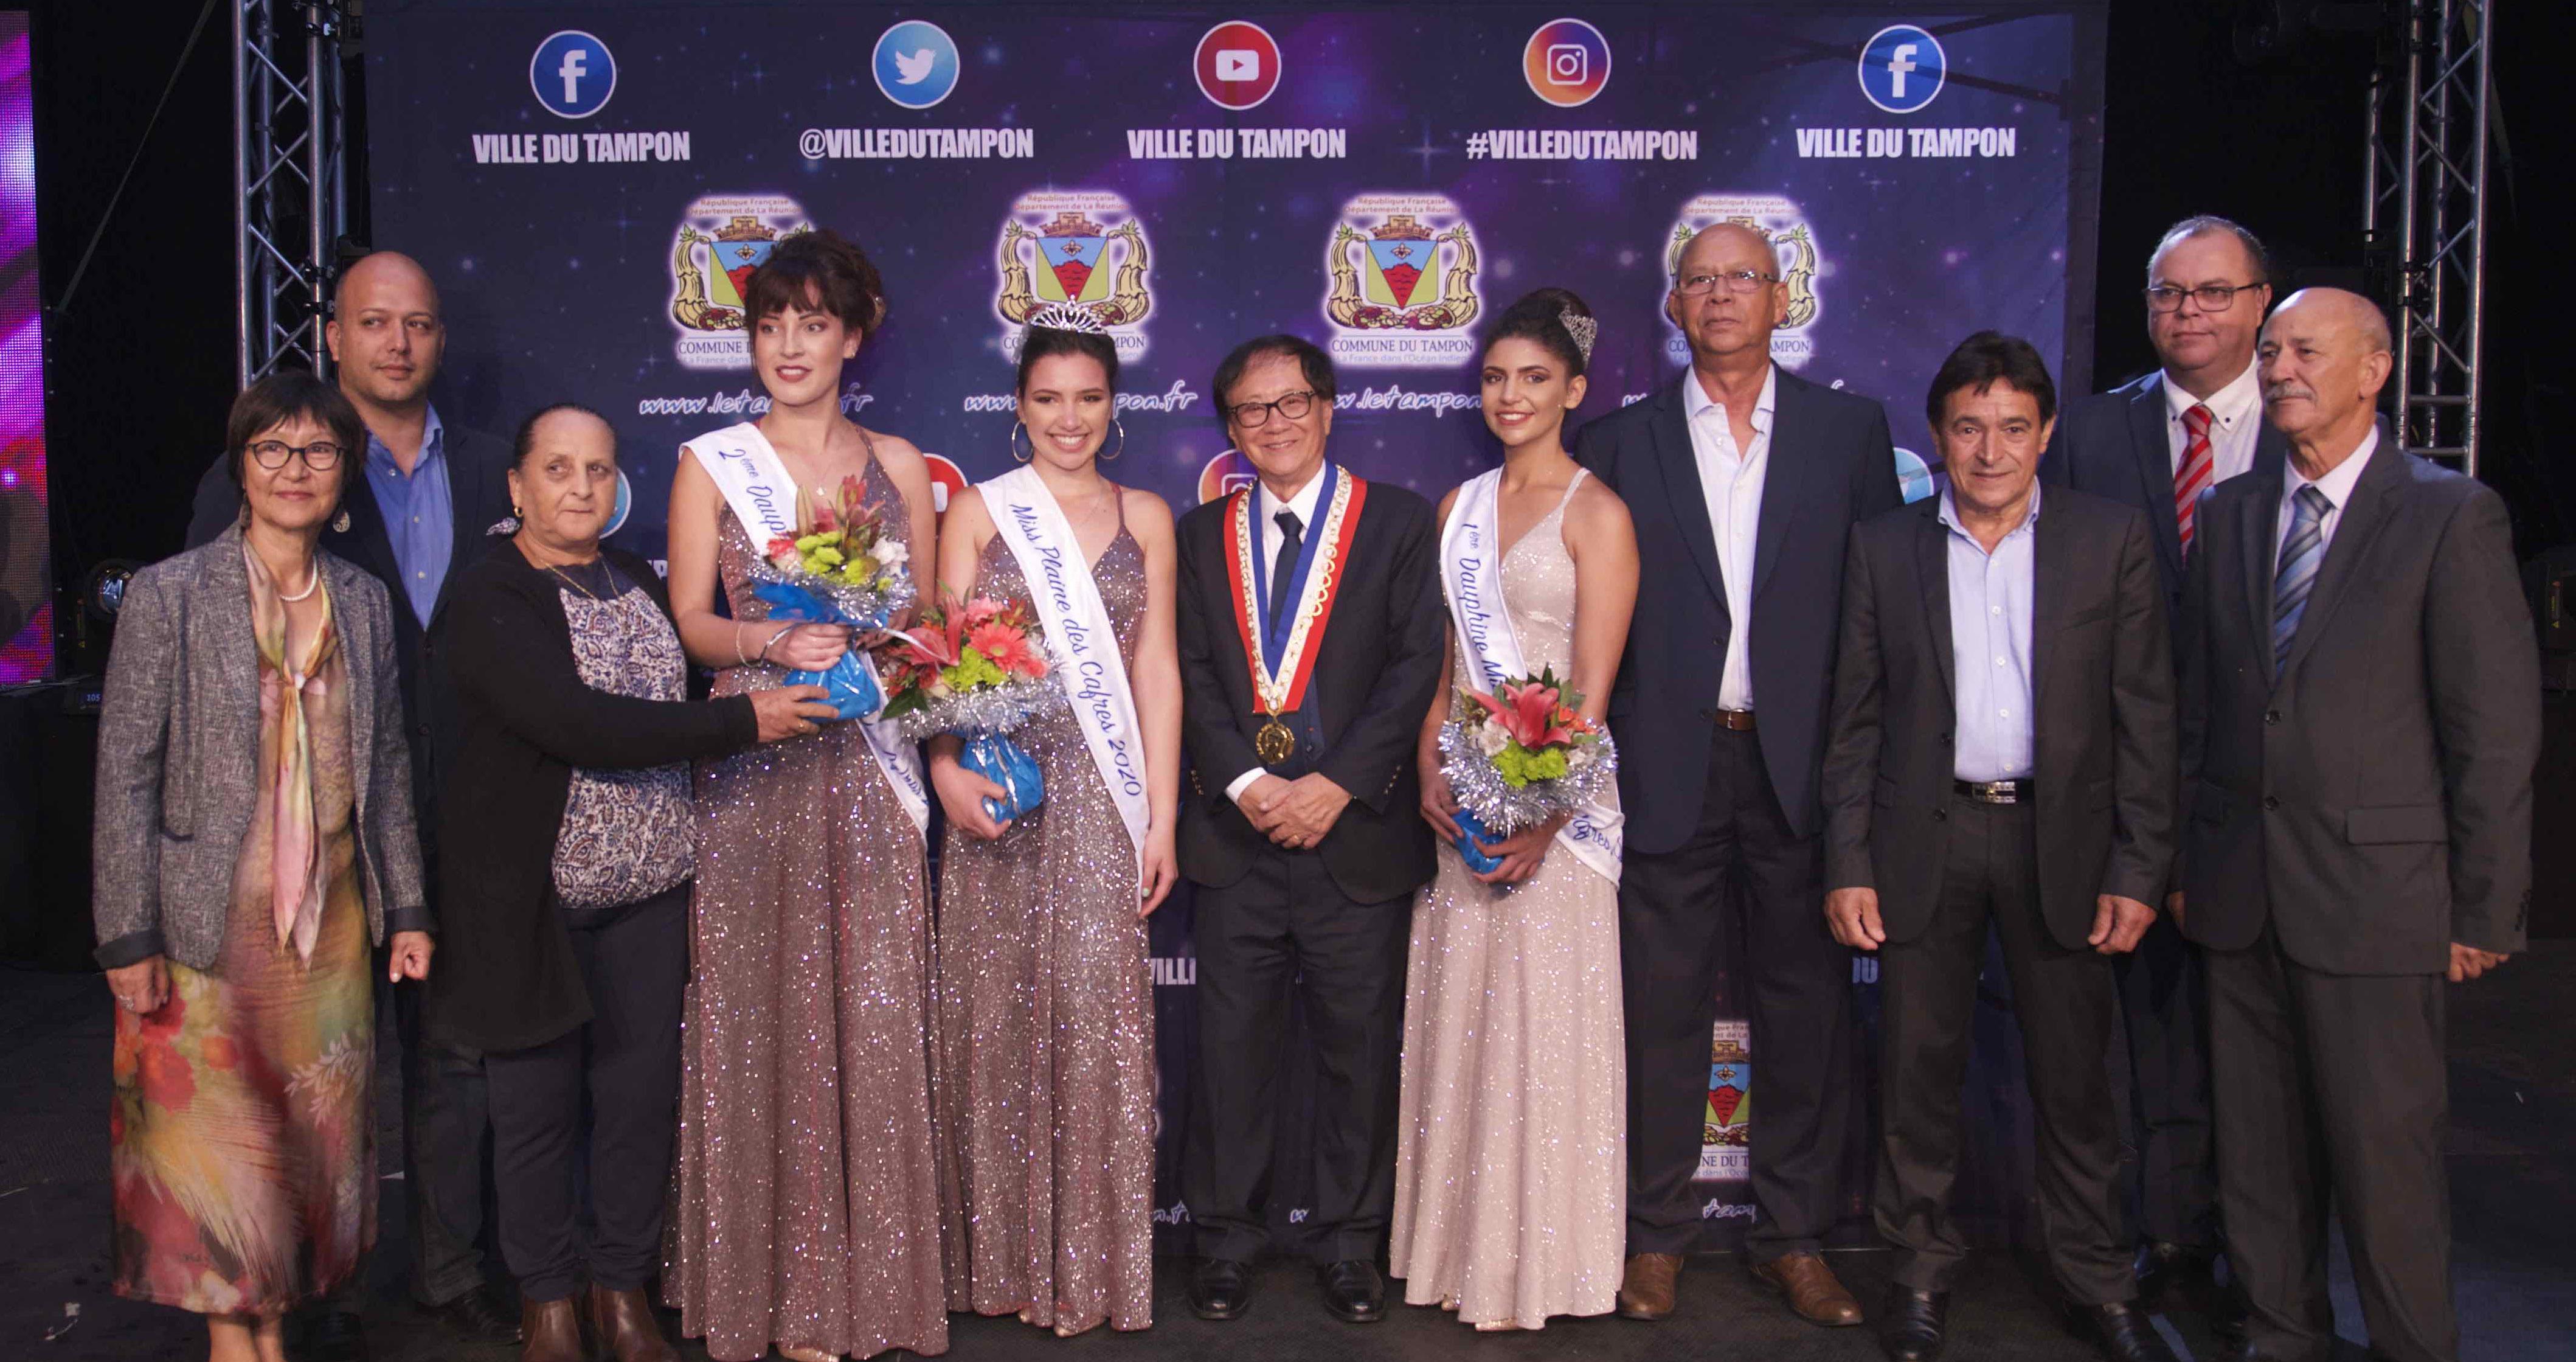 Les lauréates avec le maire et les élus de la commune du Tampon